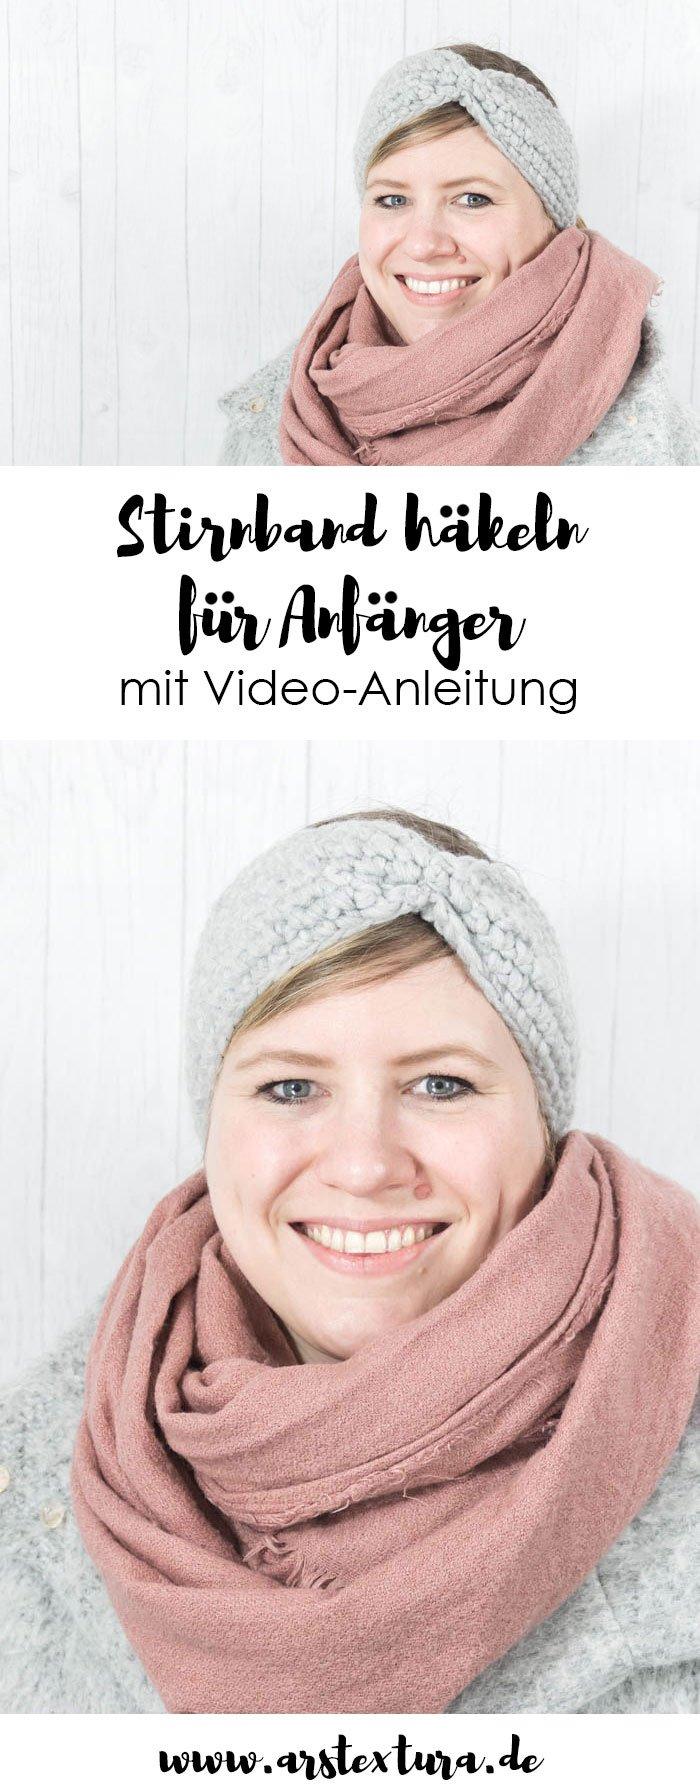 Häkeln Anleitung: Einfaches Stirnband häkeln für Anfänger mit Video-Anleitung | Stirnband selber machen | DIY Geschenk zu Weihnachten | ars textura - DIY-Blog